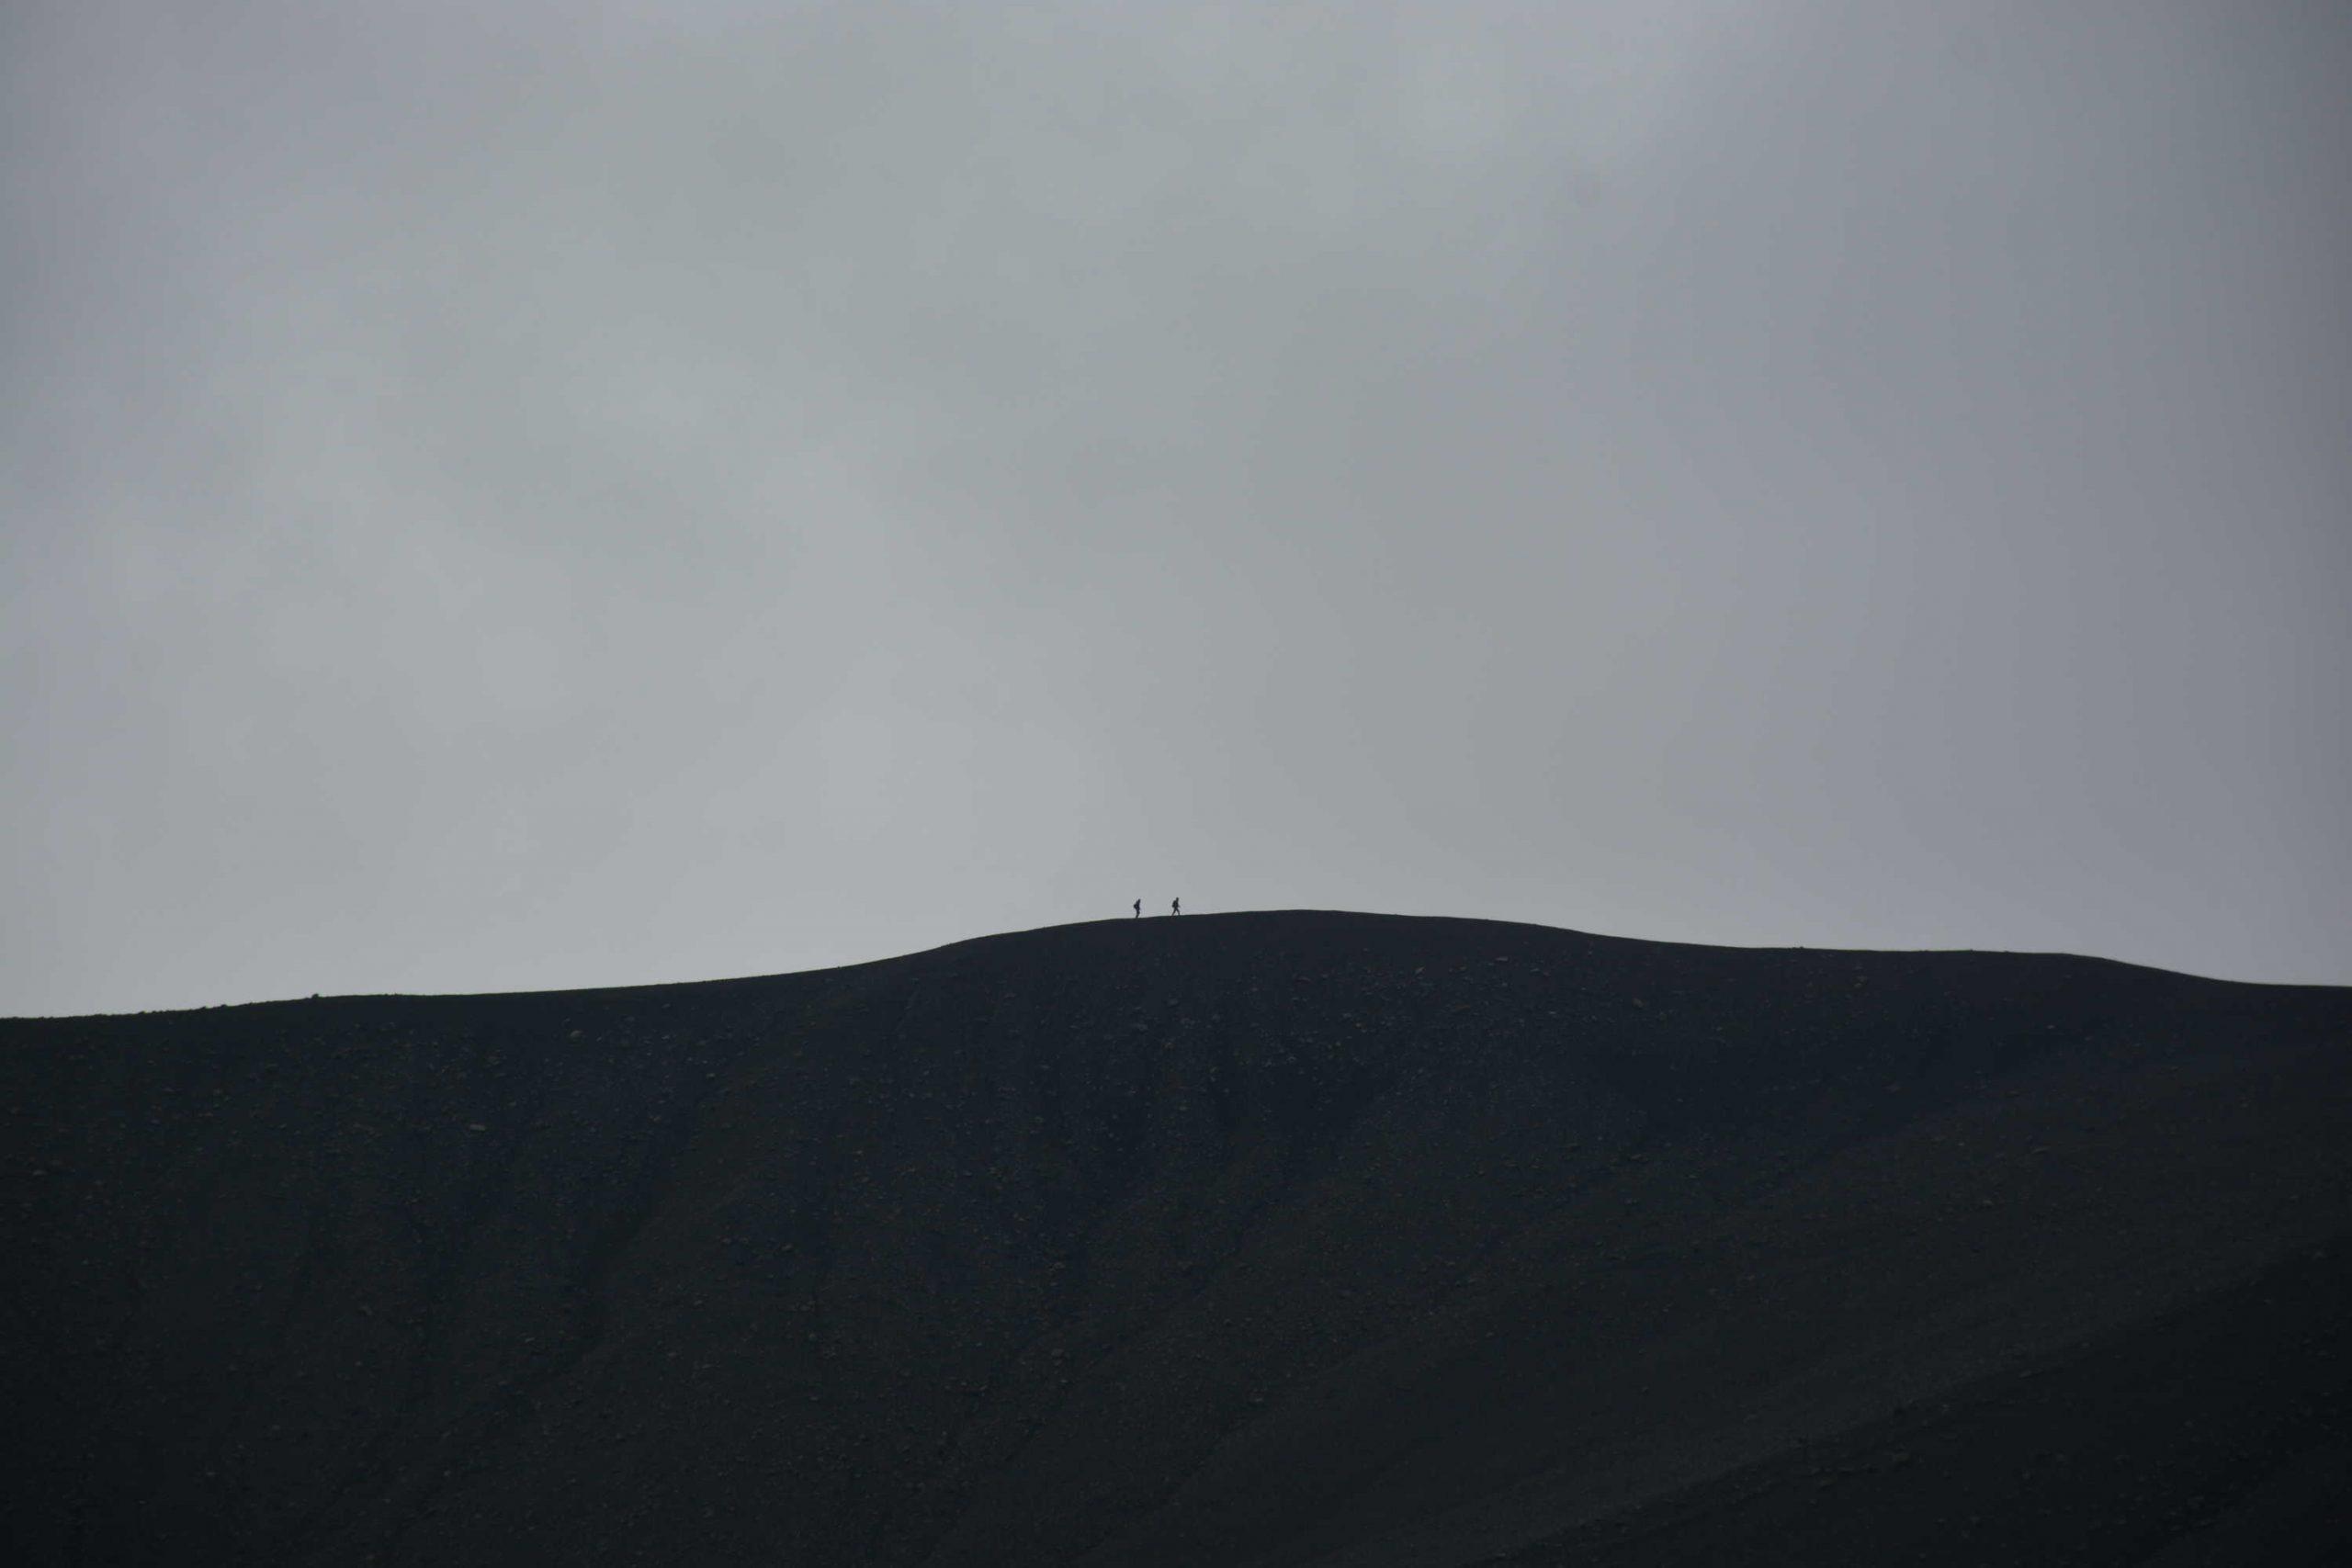 ľudia na opačnej strane krátera